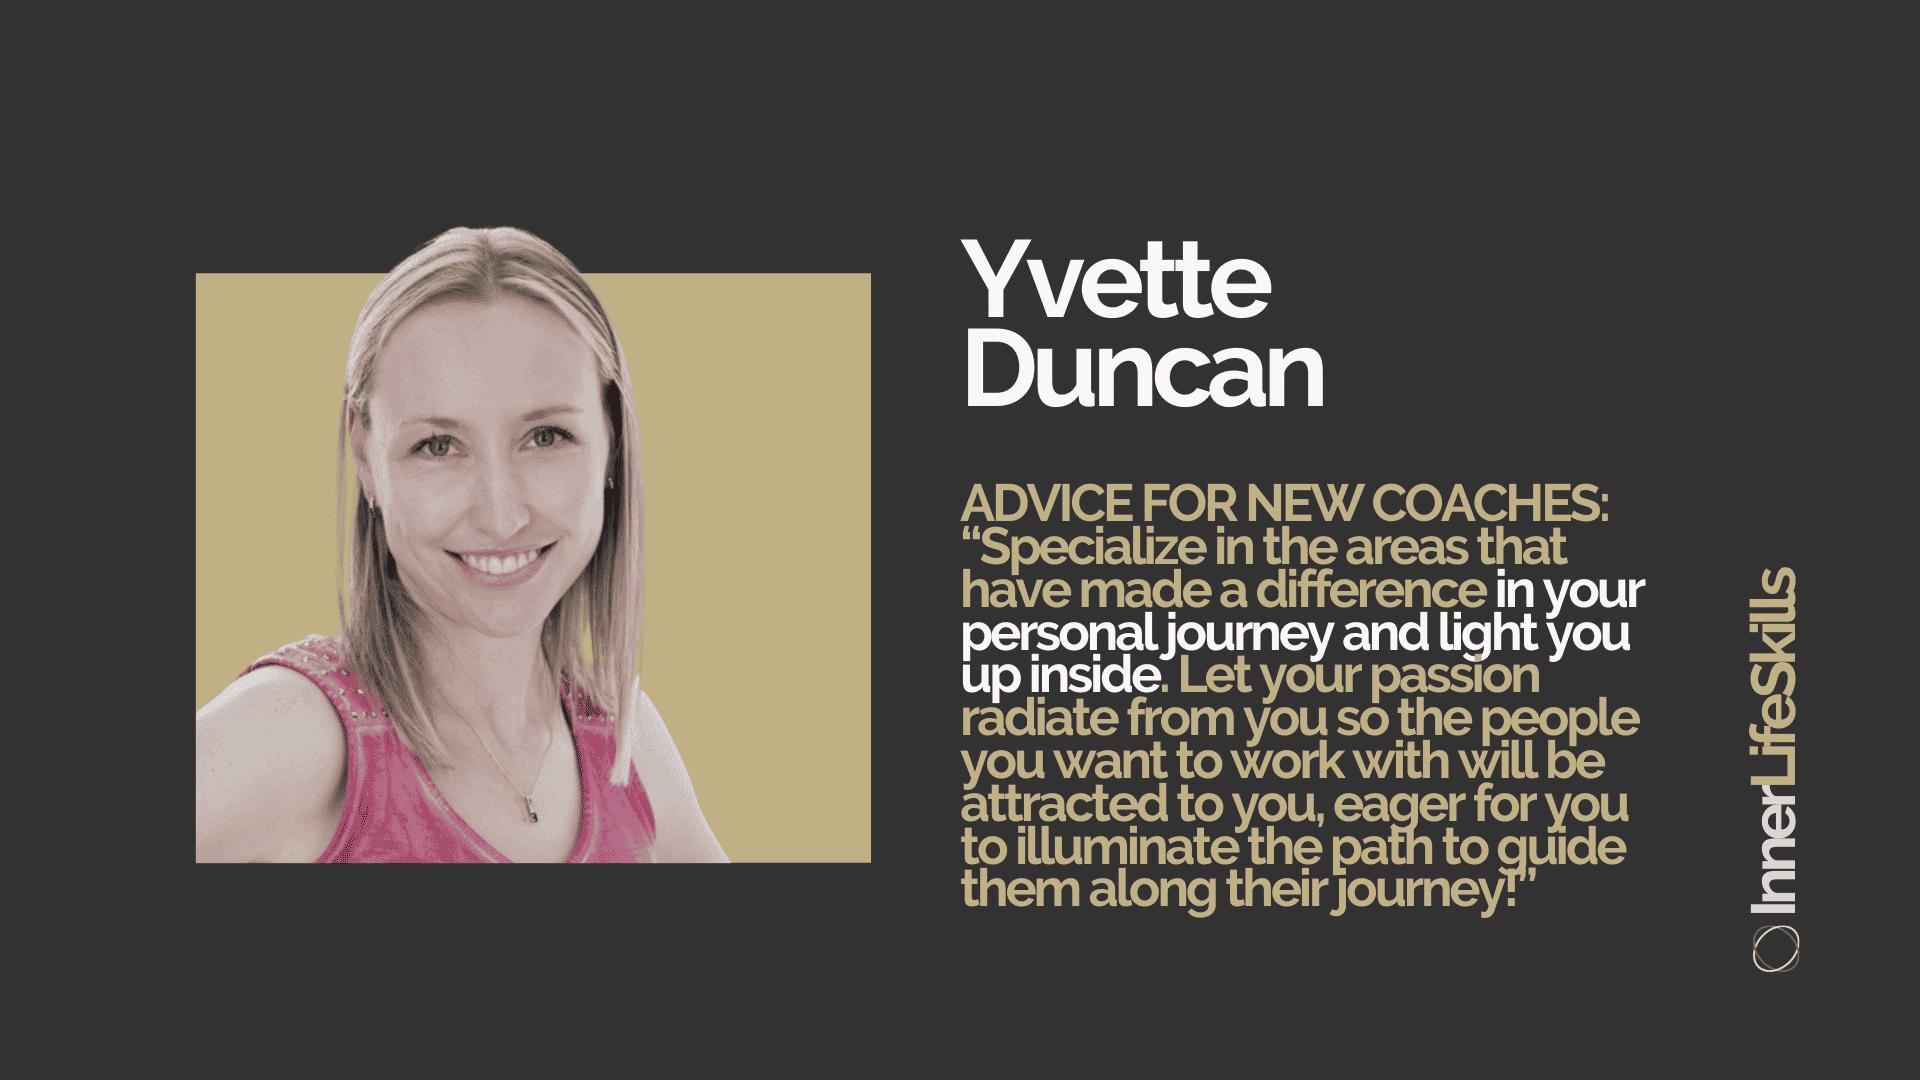 Yvette Duncan Case Study 4